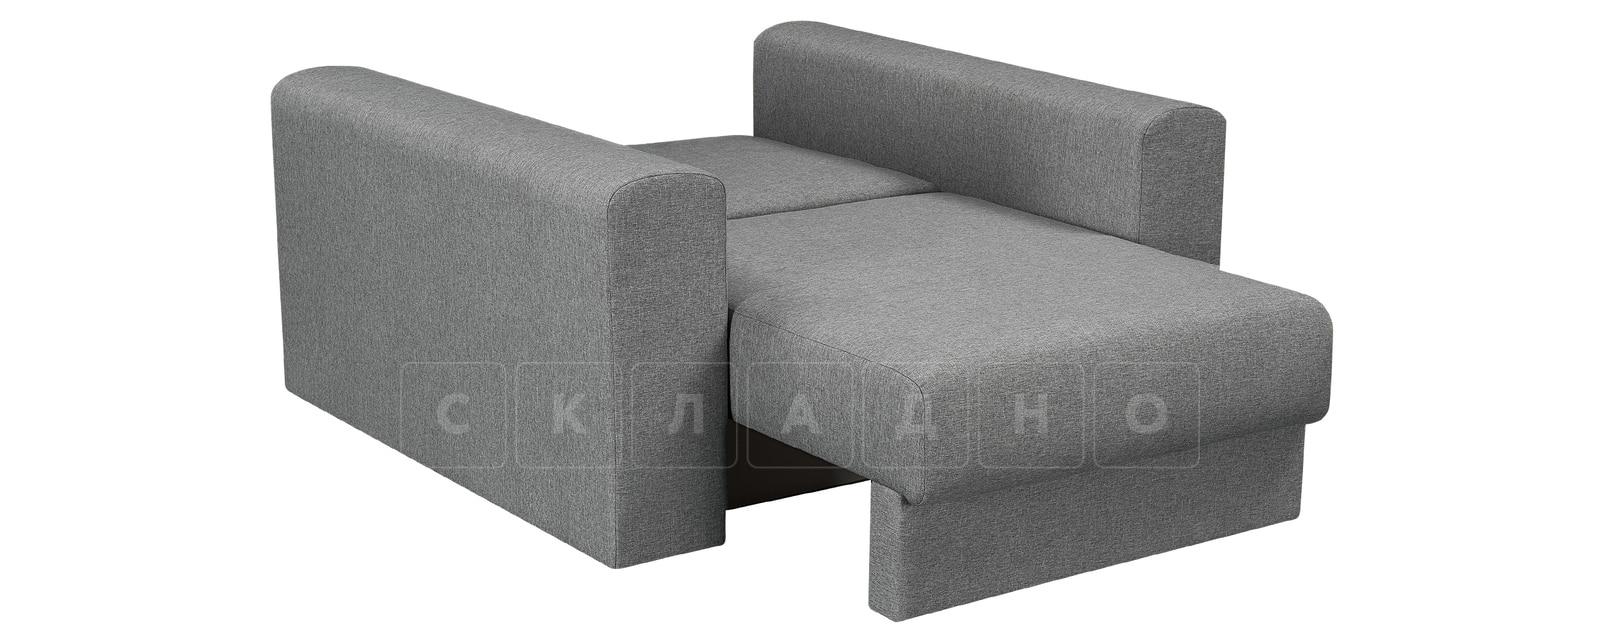 Кресло Медисон 80 см серого цвета фото 2 | интернет-магазин Складно